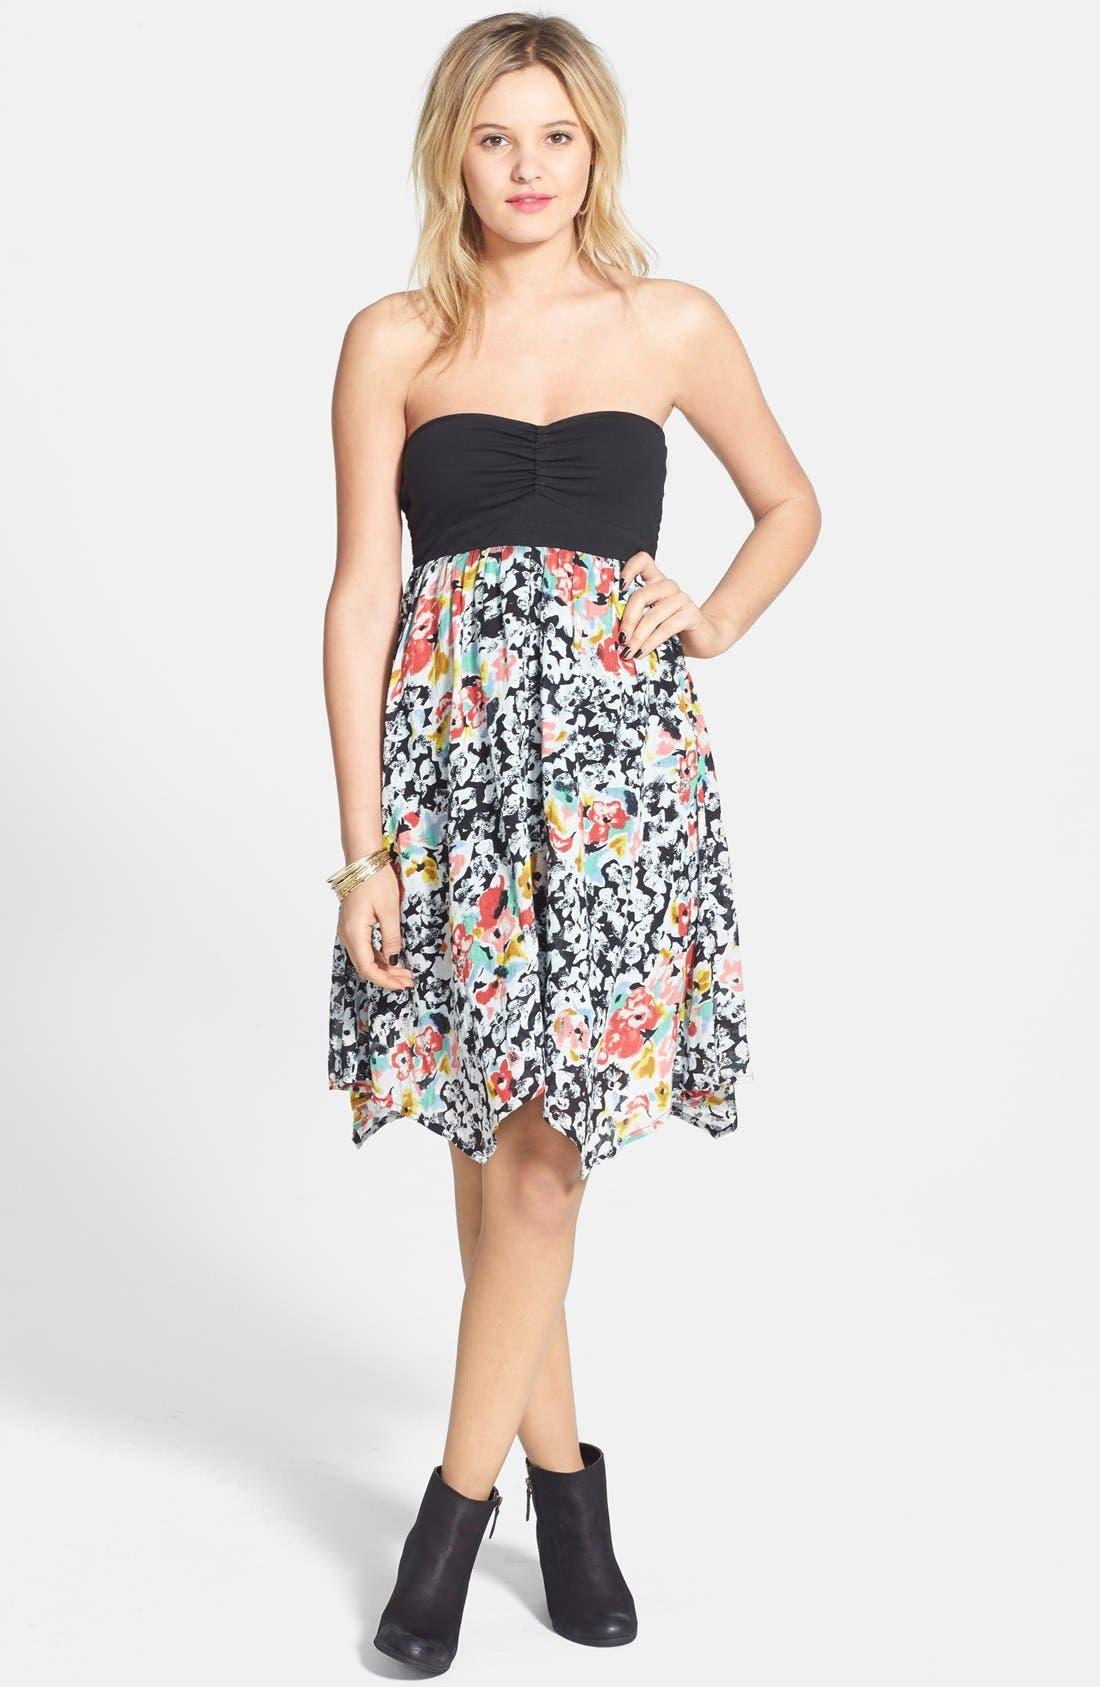 Alternate Image 1 Selected - Volcom 'Spinternship' Floral Print Dress